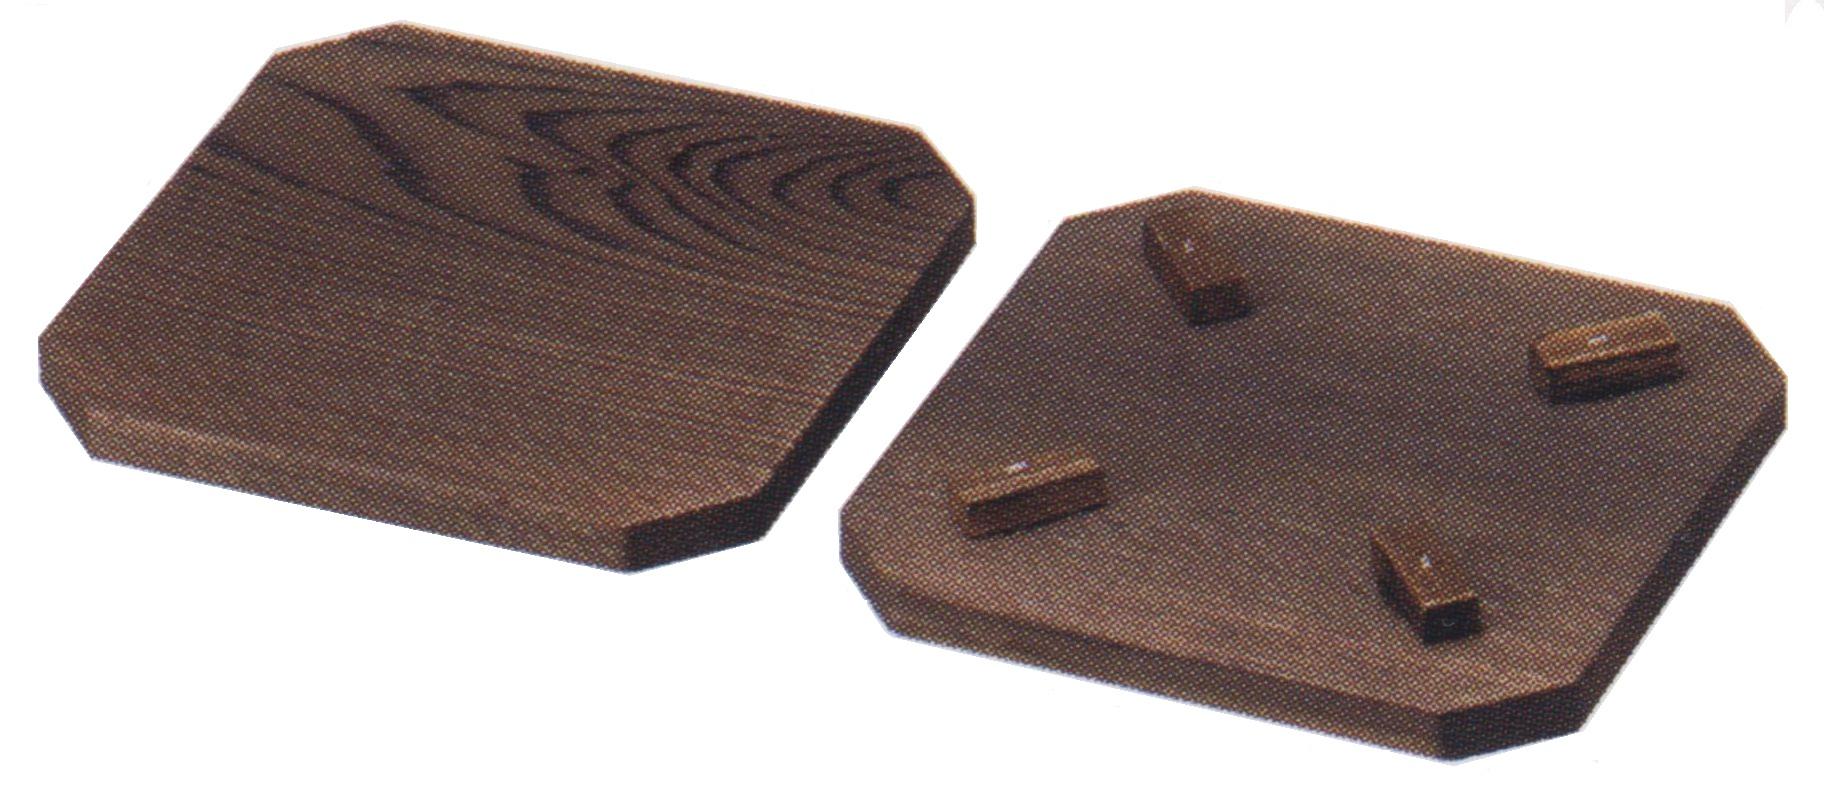 土鍋 コンロ 陶板用 5号用120mm 敷板 特価 日本産